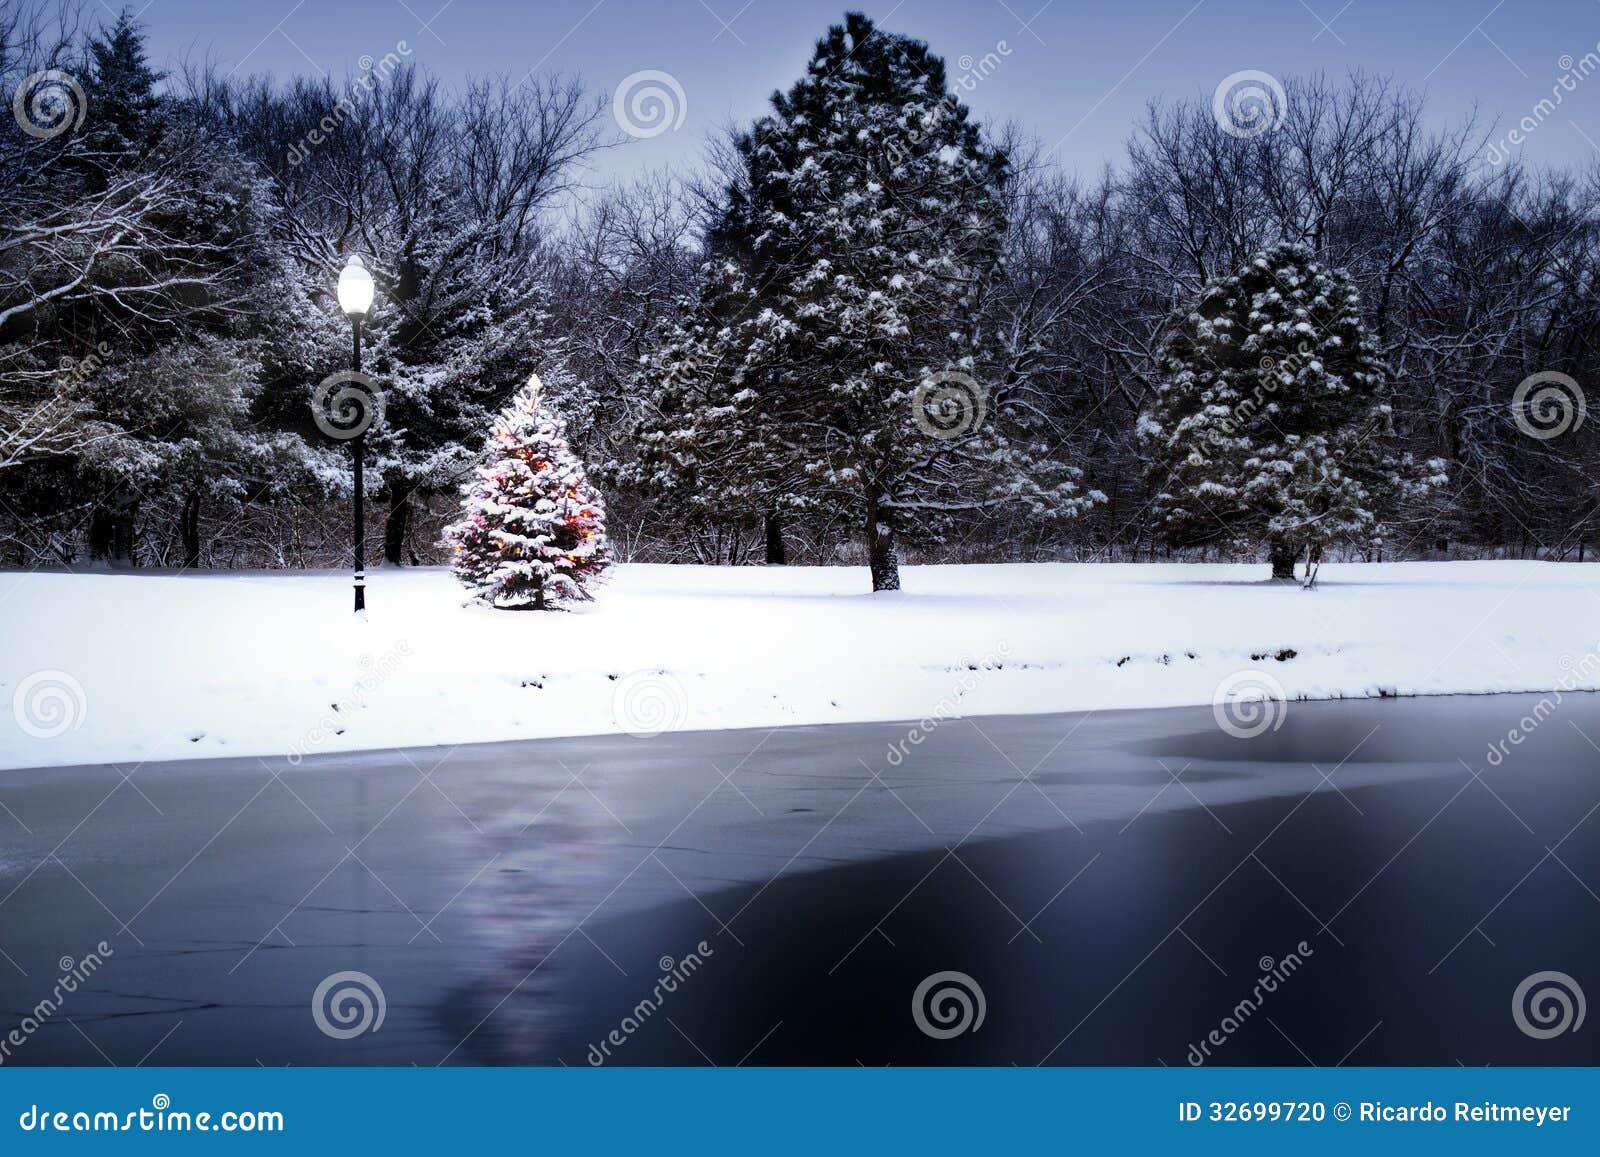 El árbol de navidad nevado brilla intensamente mágico en esta escena del invierno